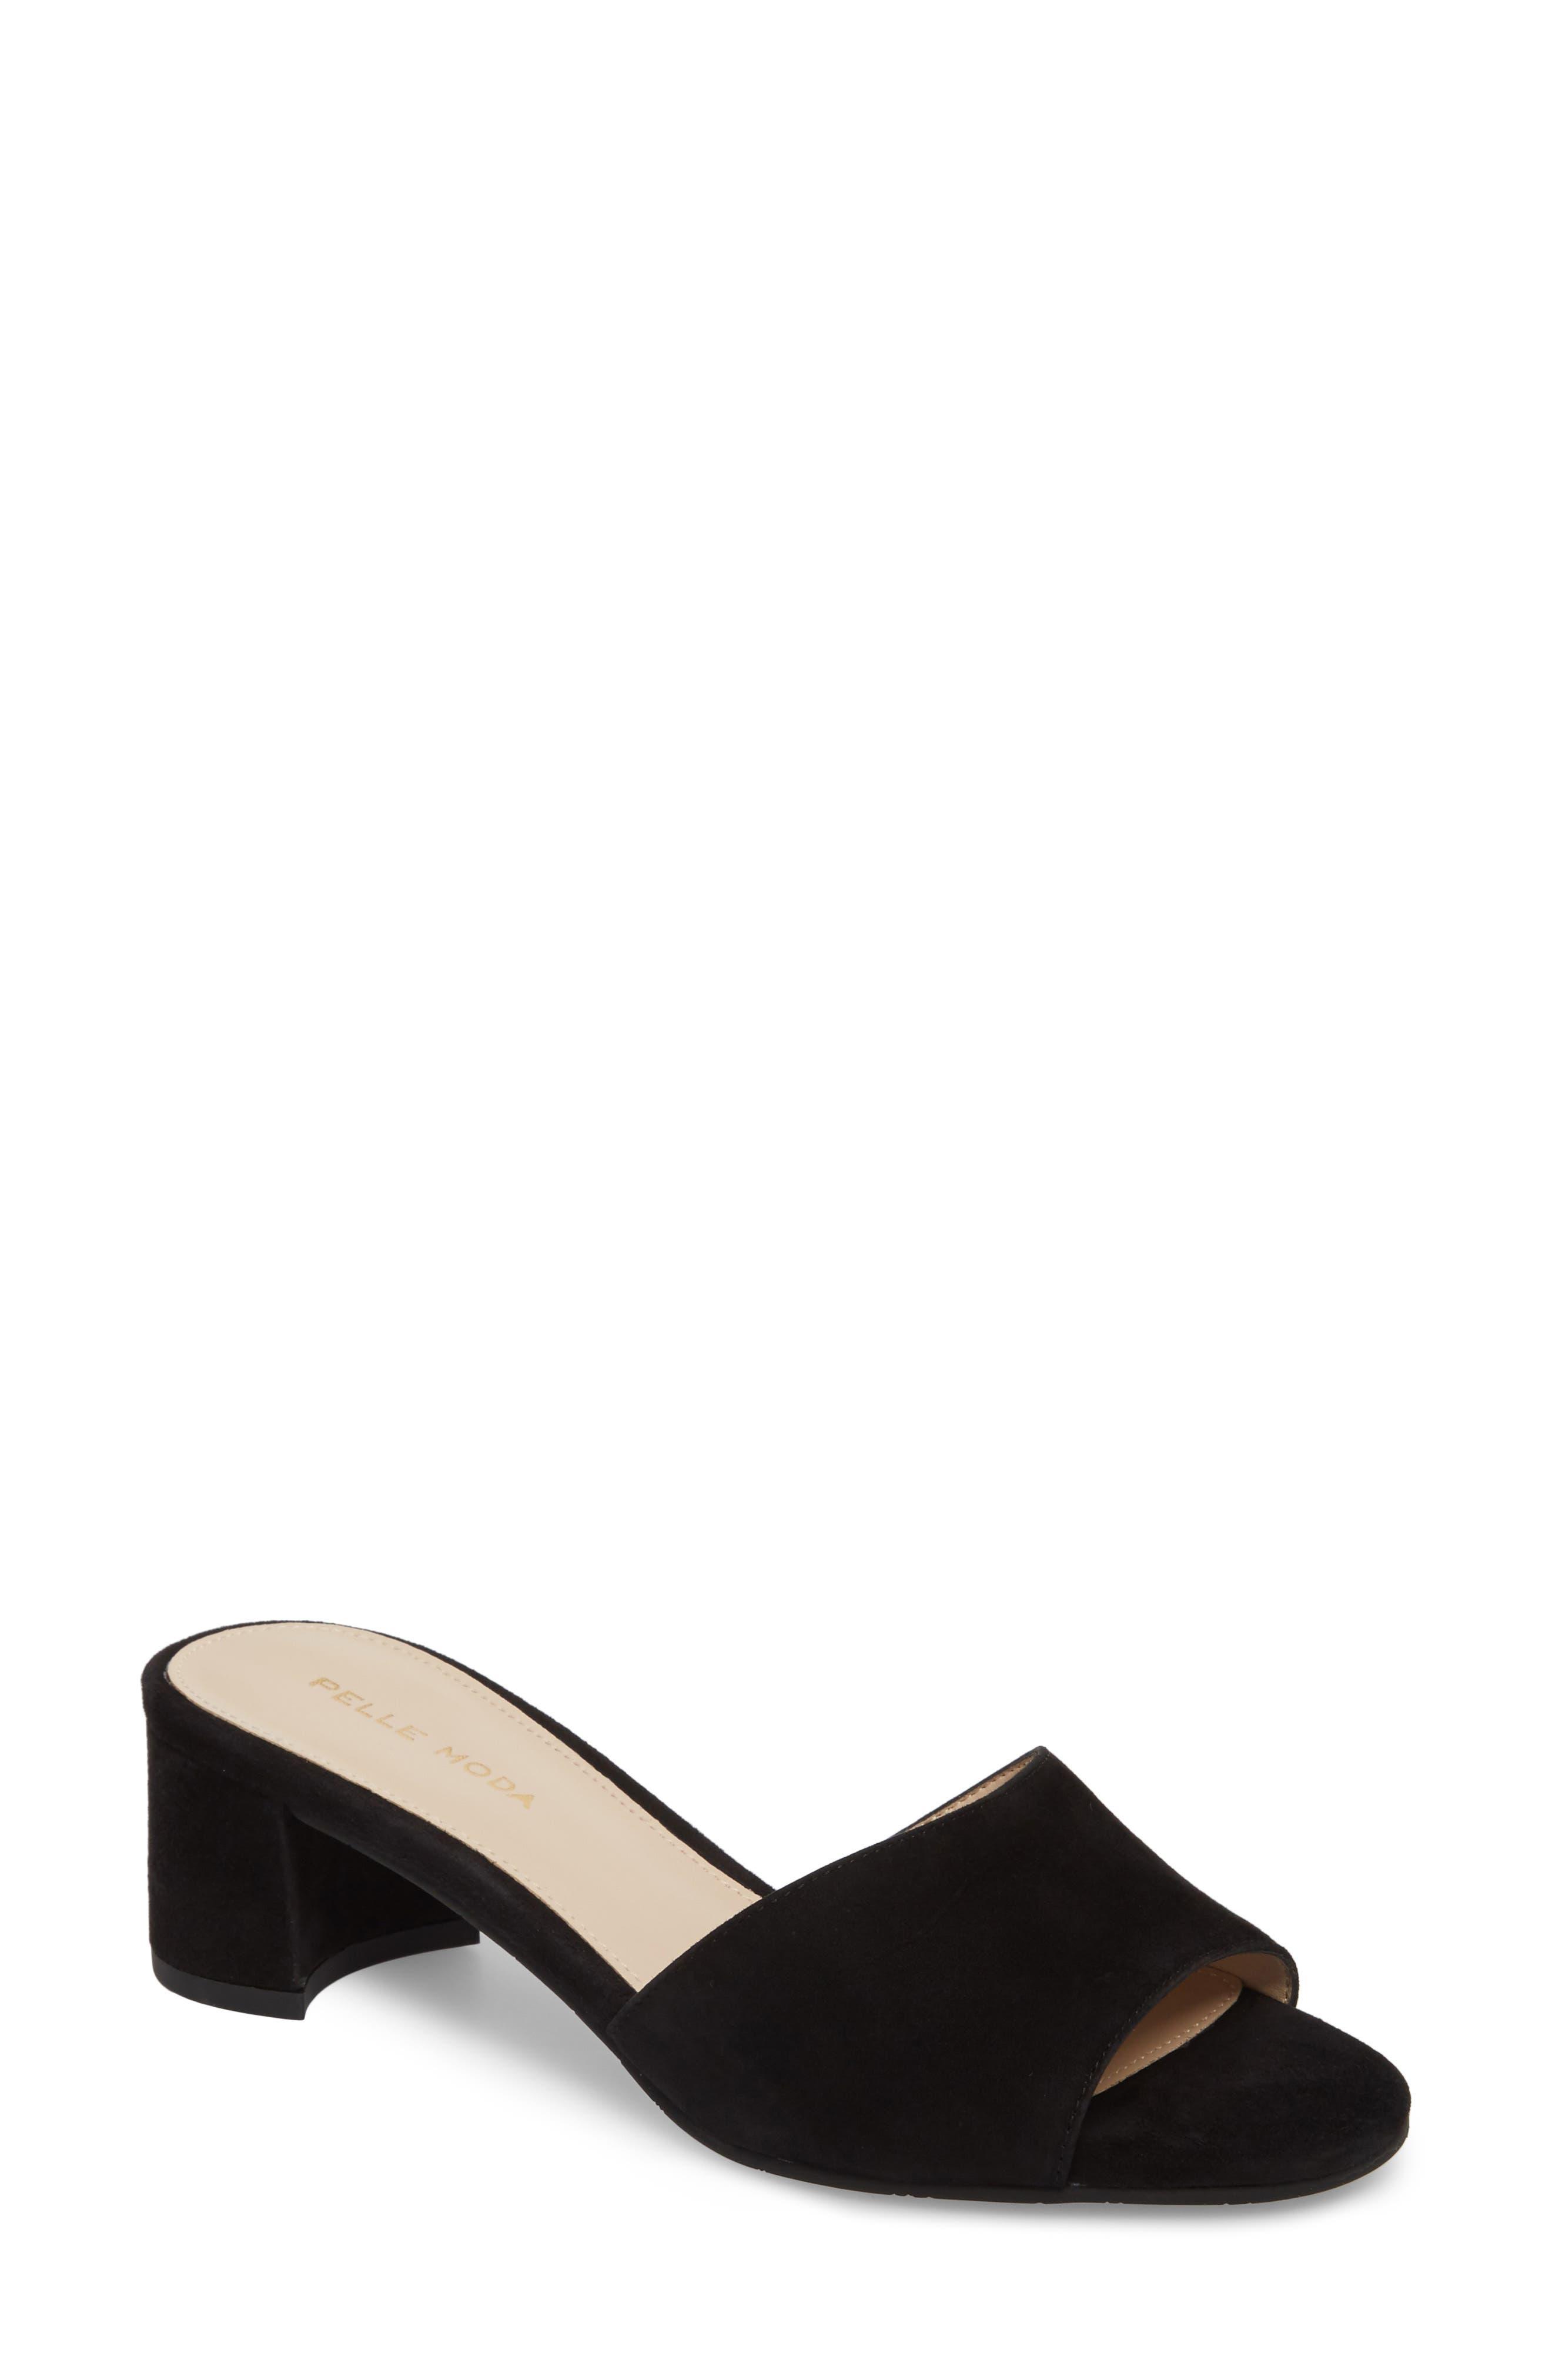 Rea Block Heel Slide Sandal,                             Main thumbnail 1, color,                             001